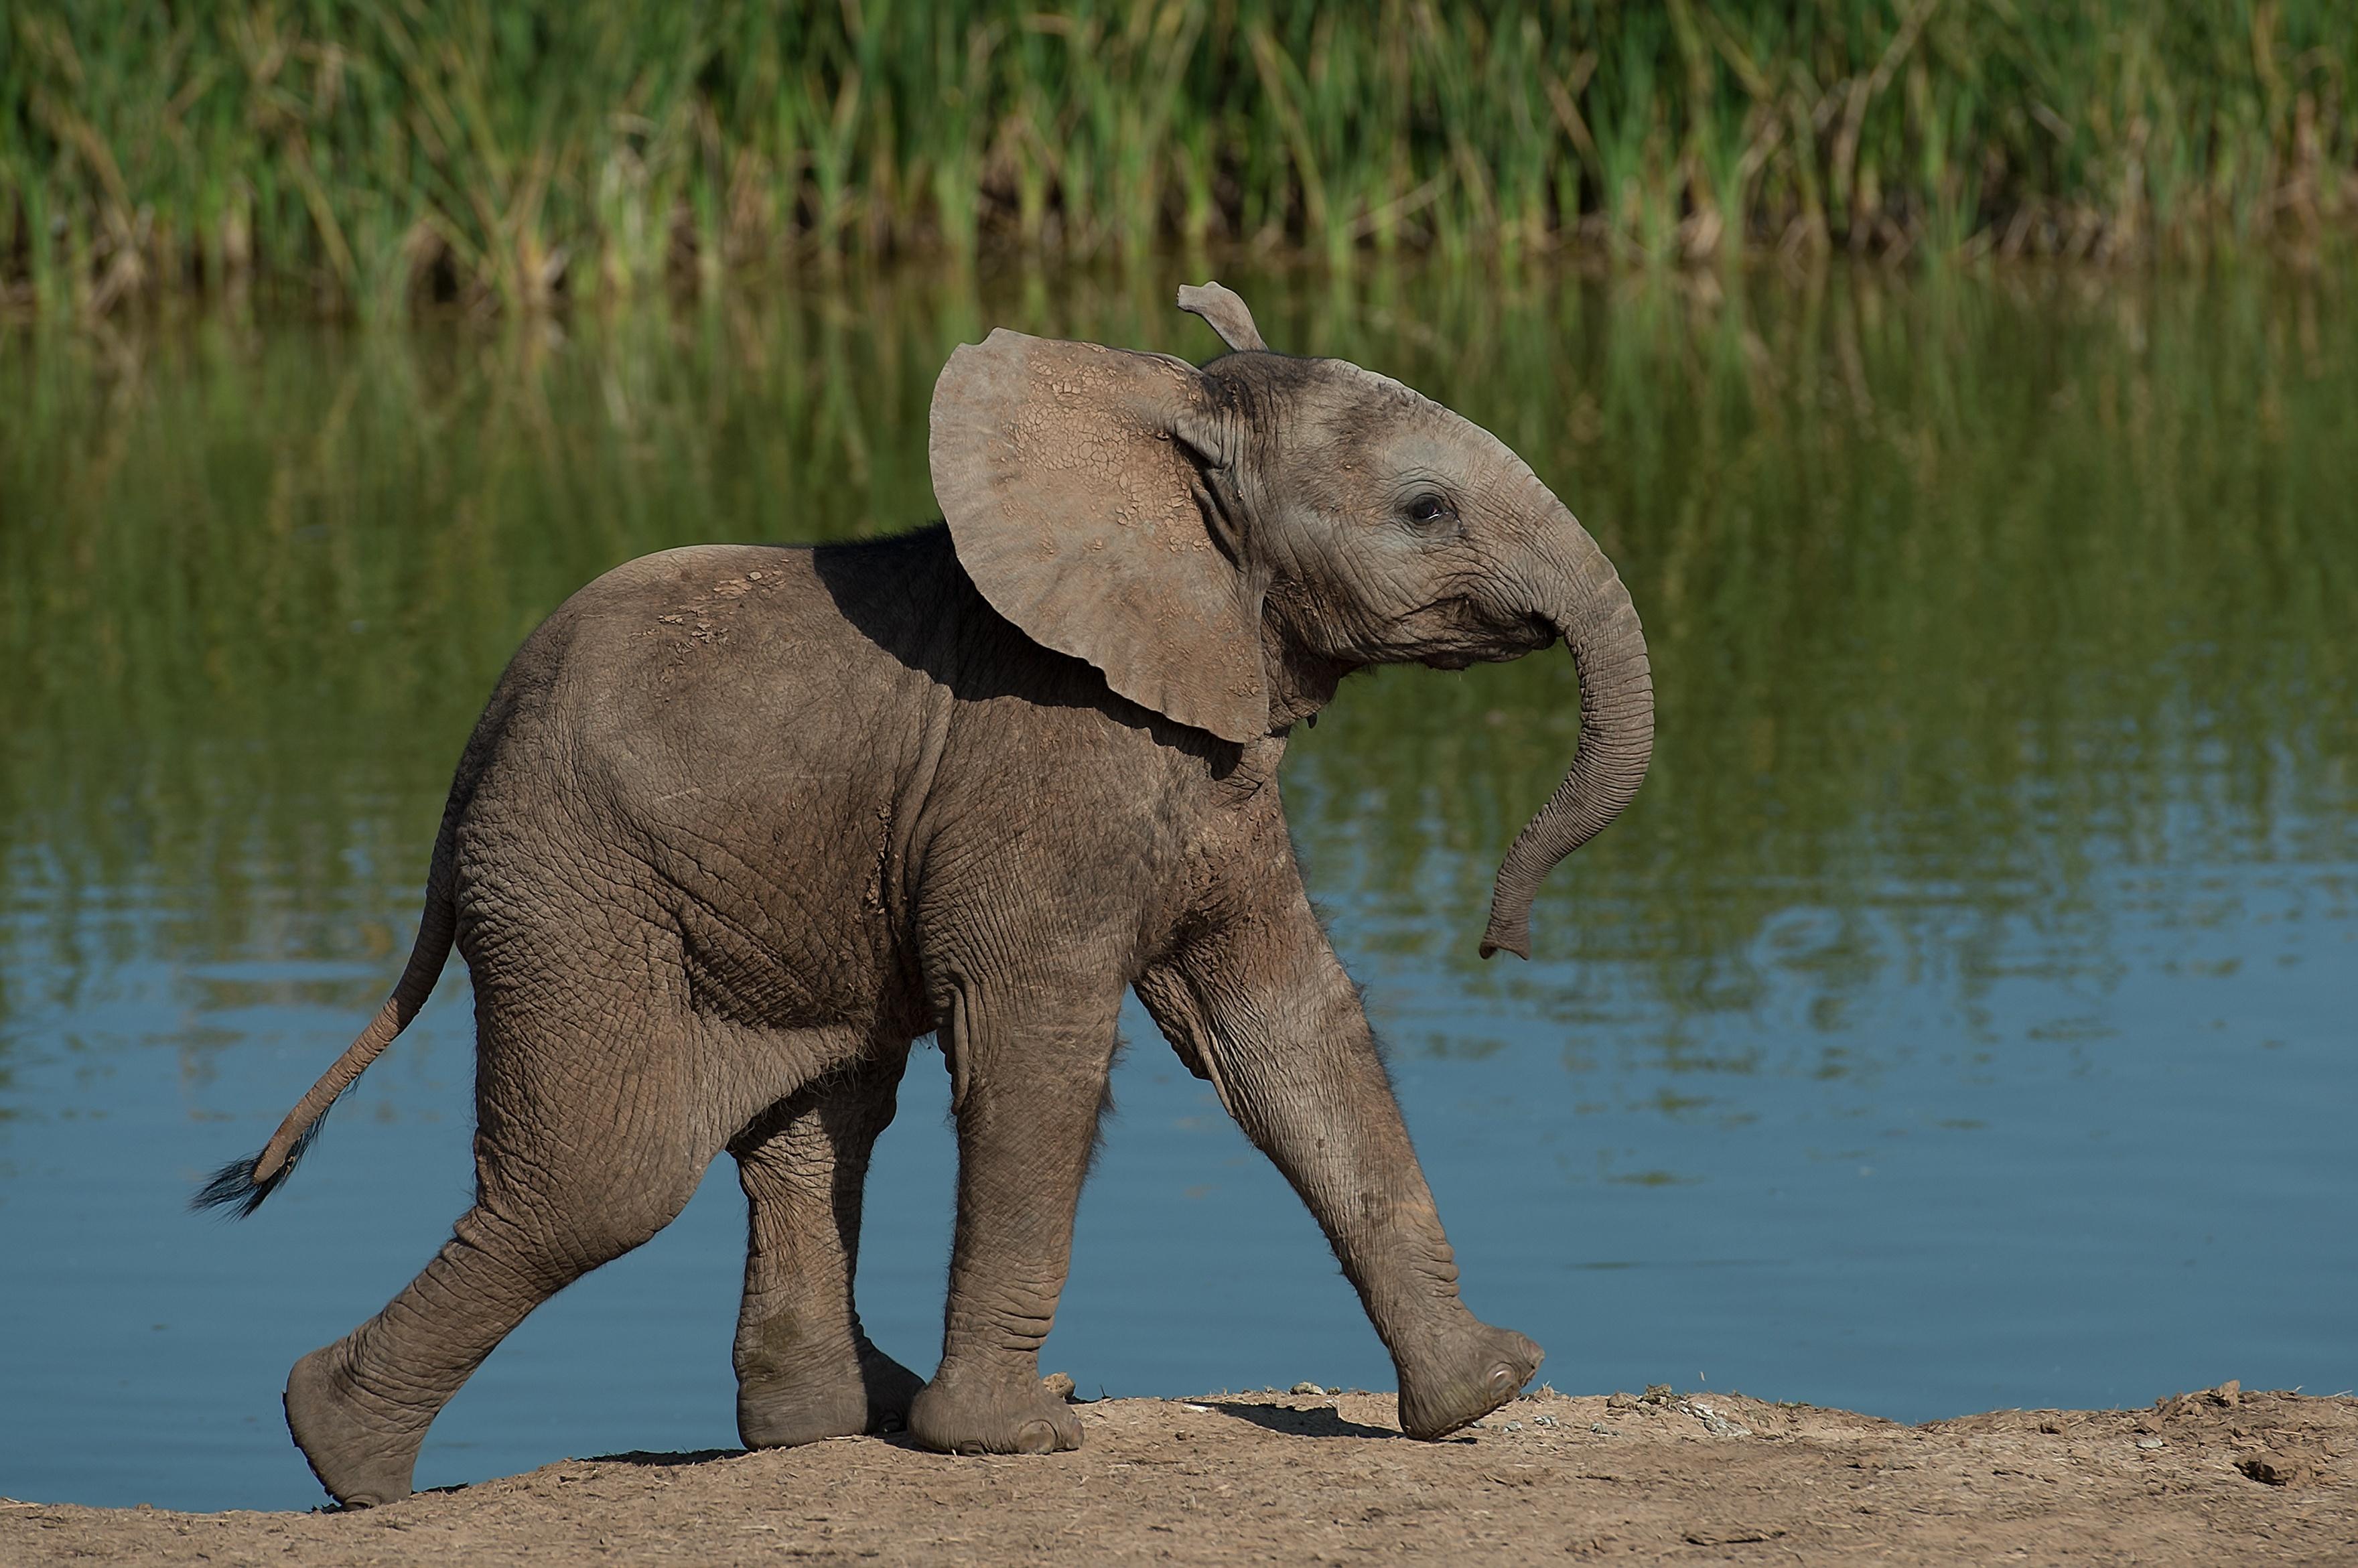 Hadoop_Elephant_DWS17.jpeg